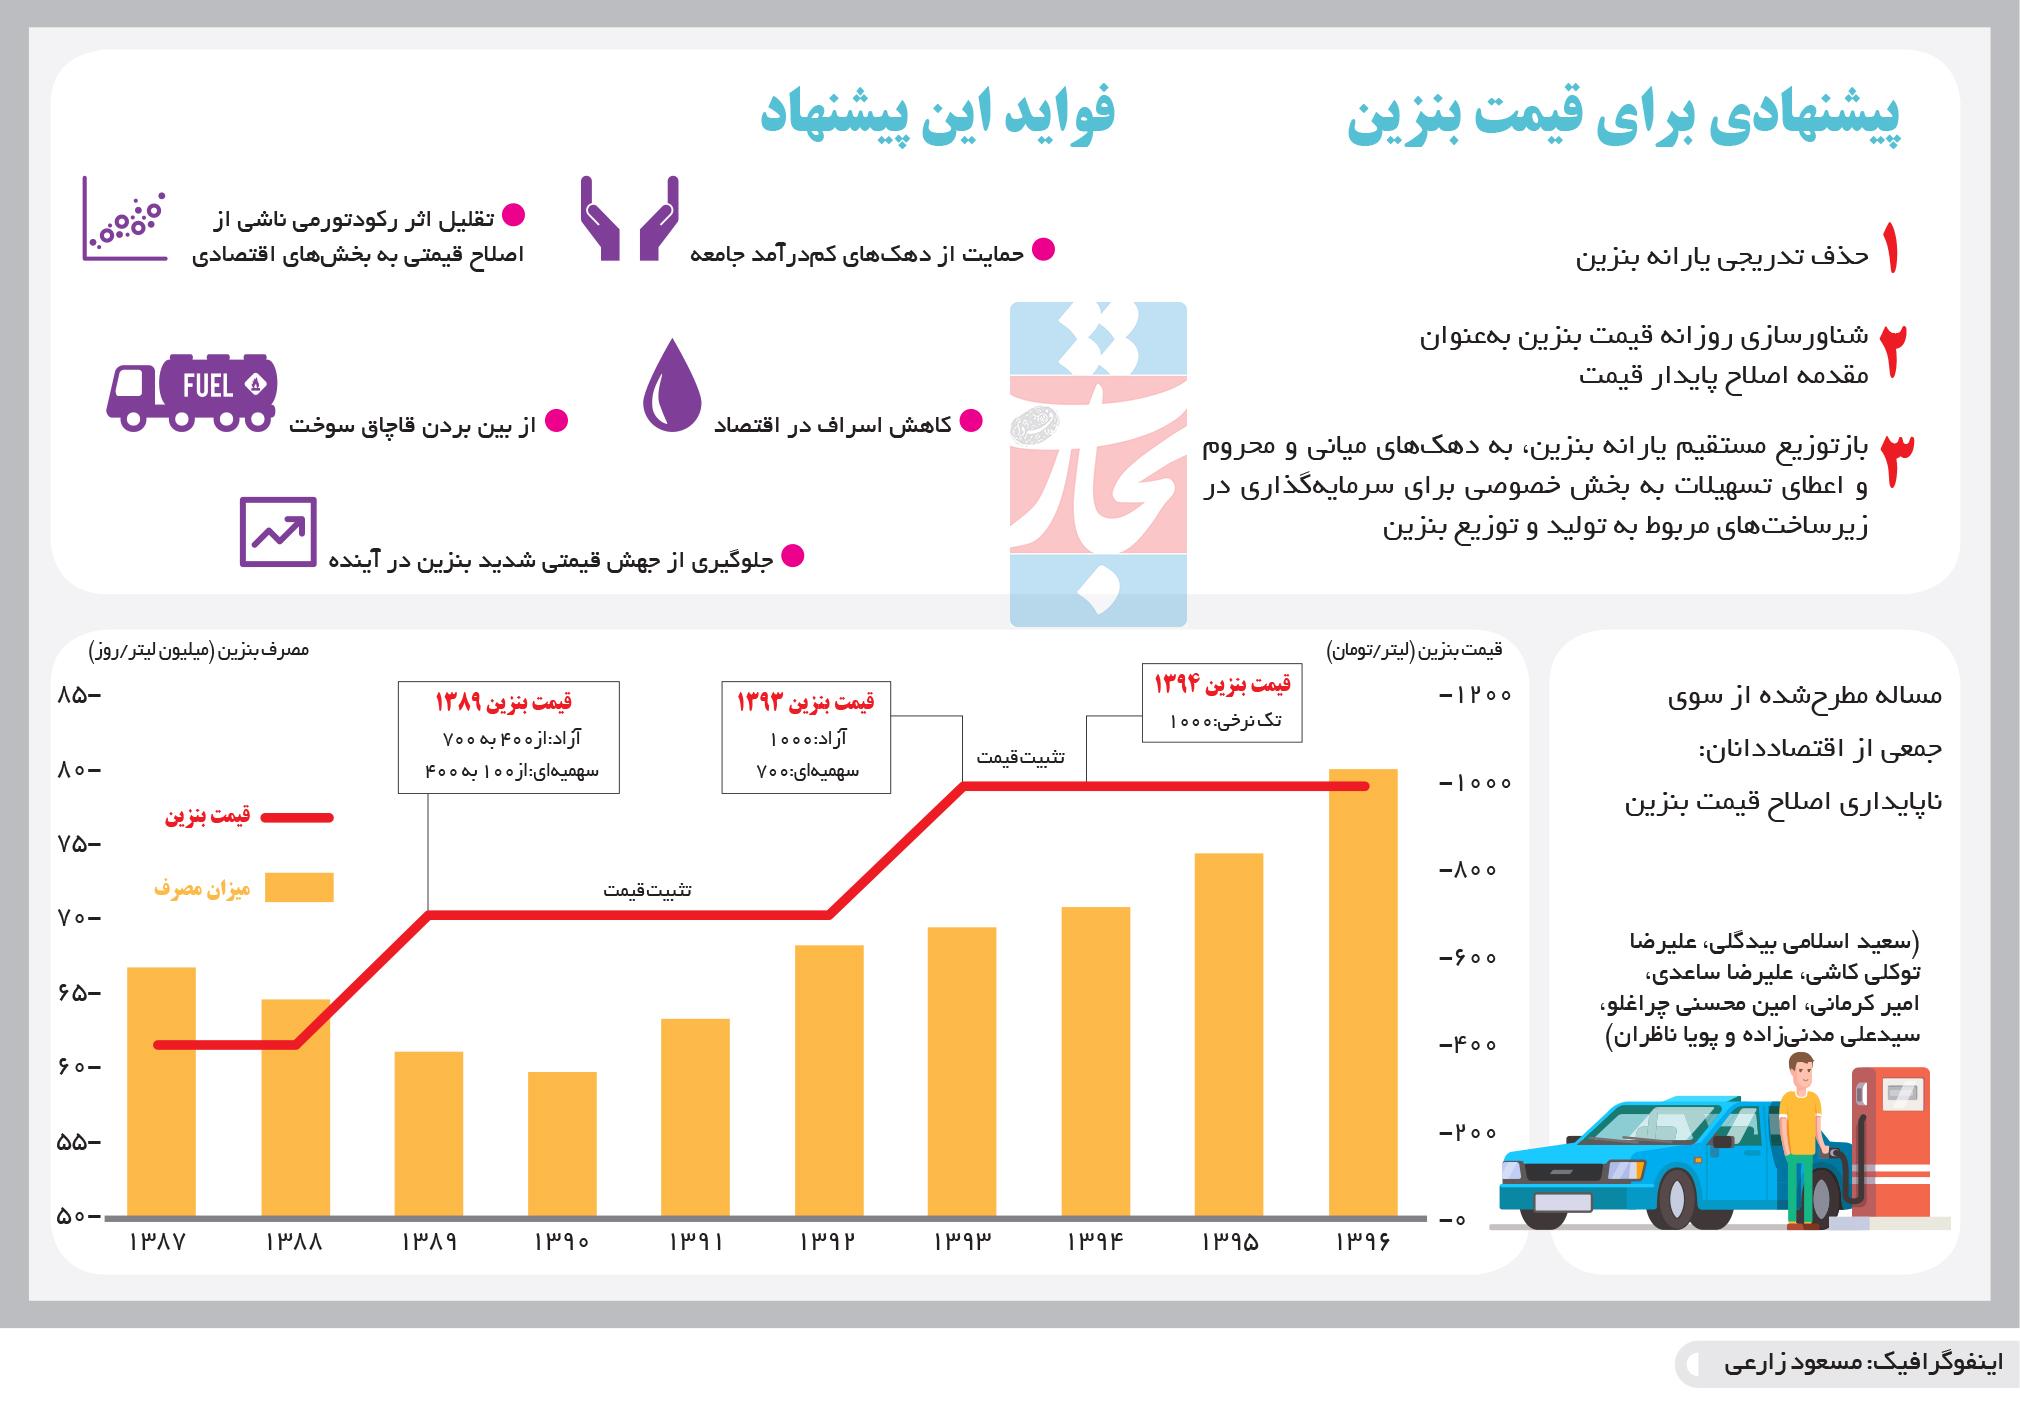 تجارت فردا- اینفوگرافیک- پیشنهادی برای قیمت بنزین